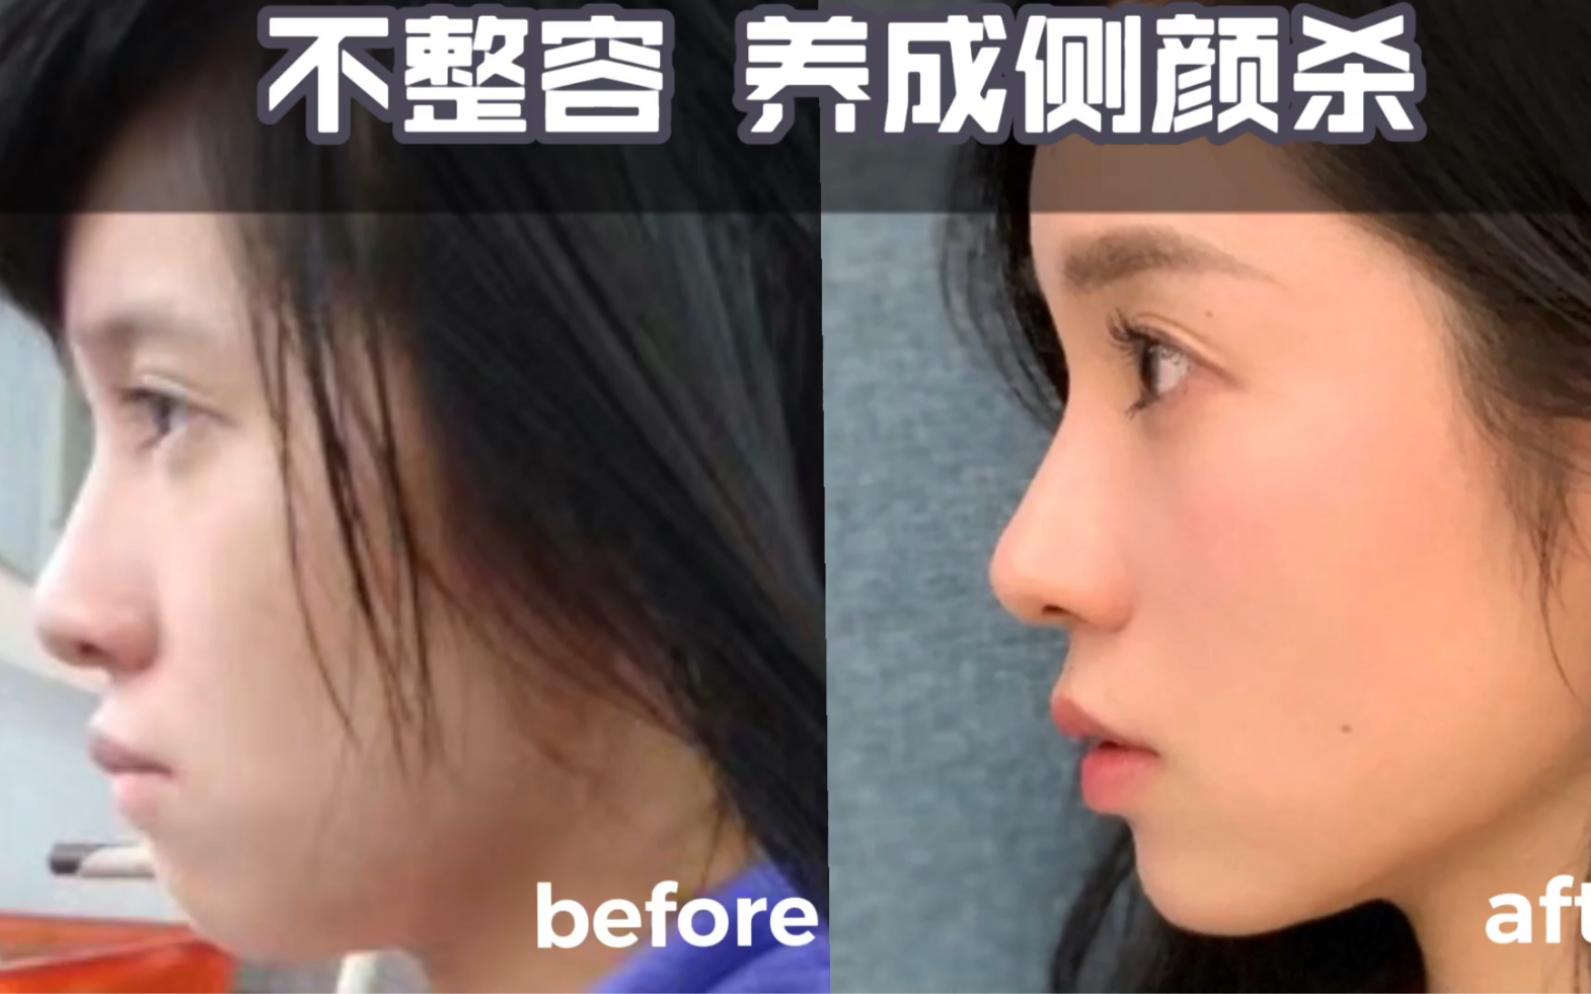 不整容!科学改善凸嘴下巴后缩 瘦双下巴 告别土气脸,养成侧颜杀